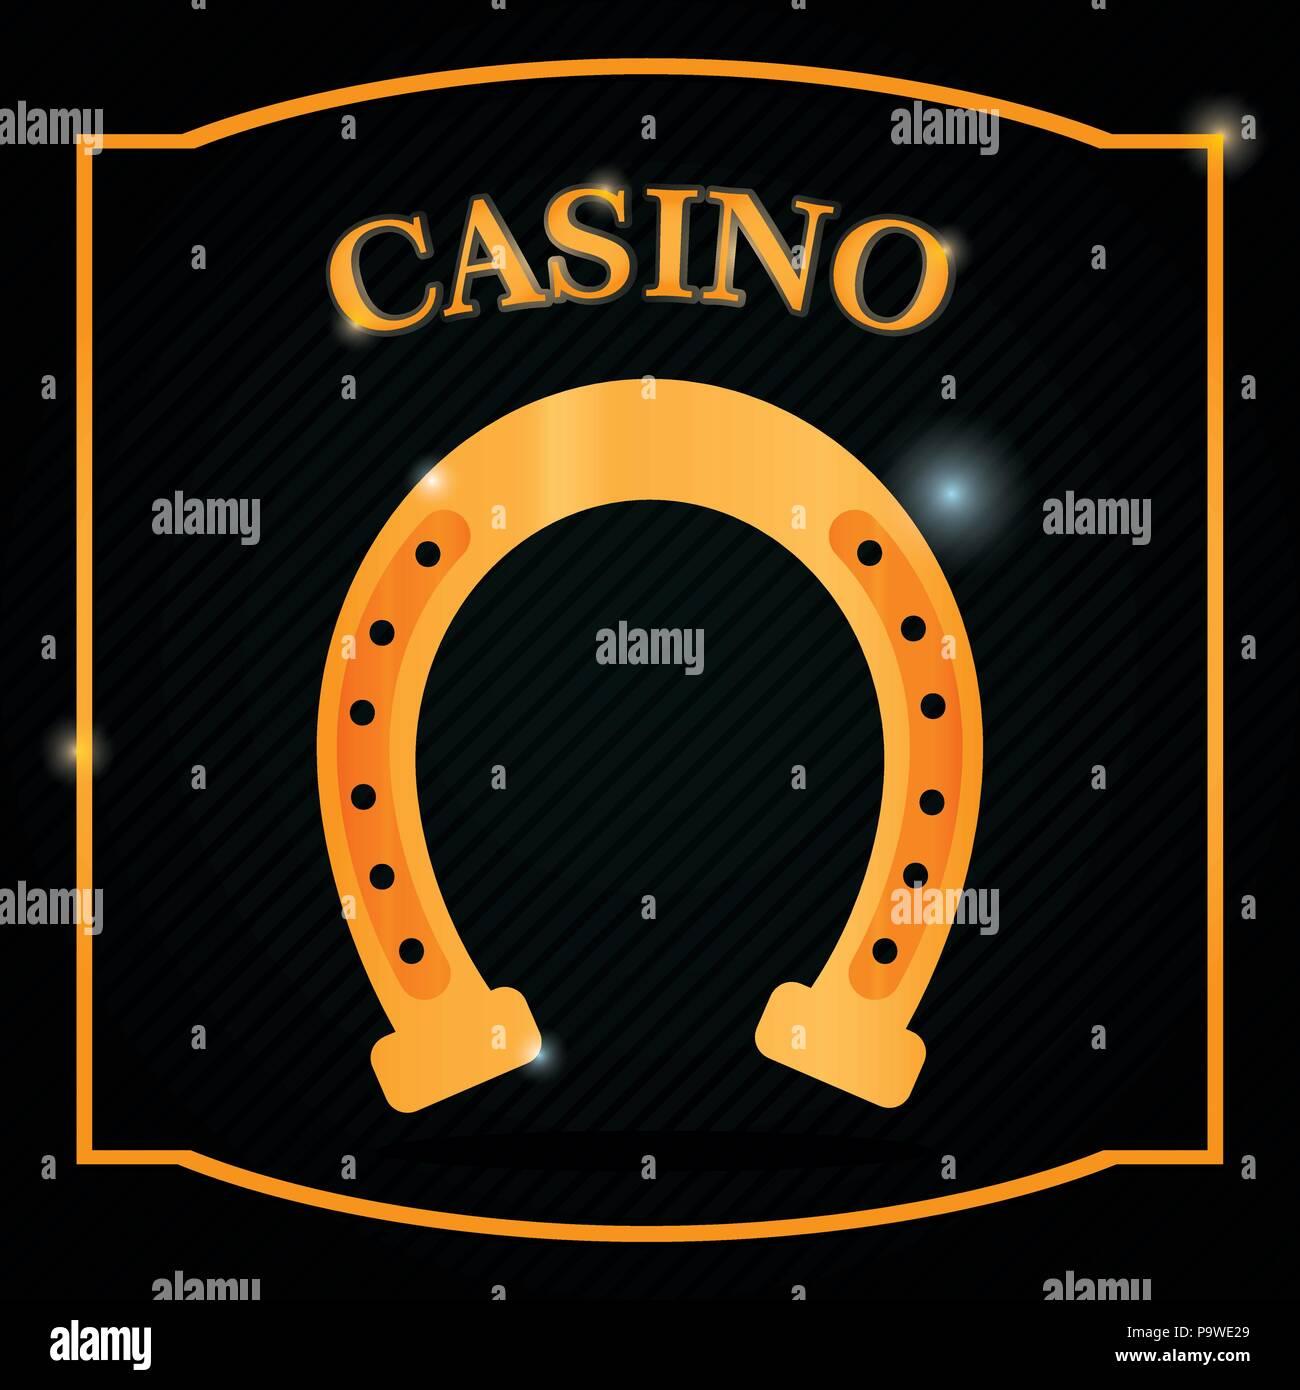 Casino-Spiel-Konzept Stockbild